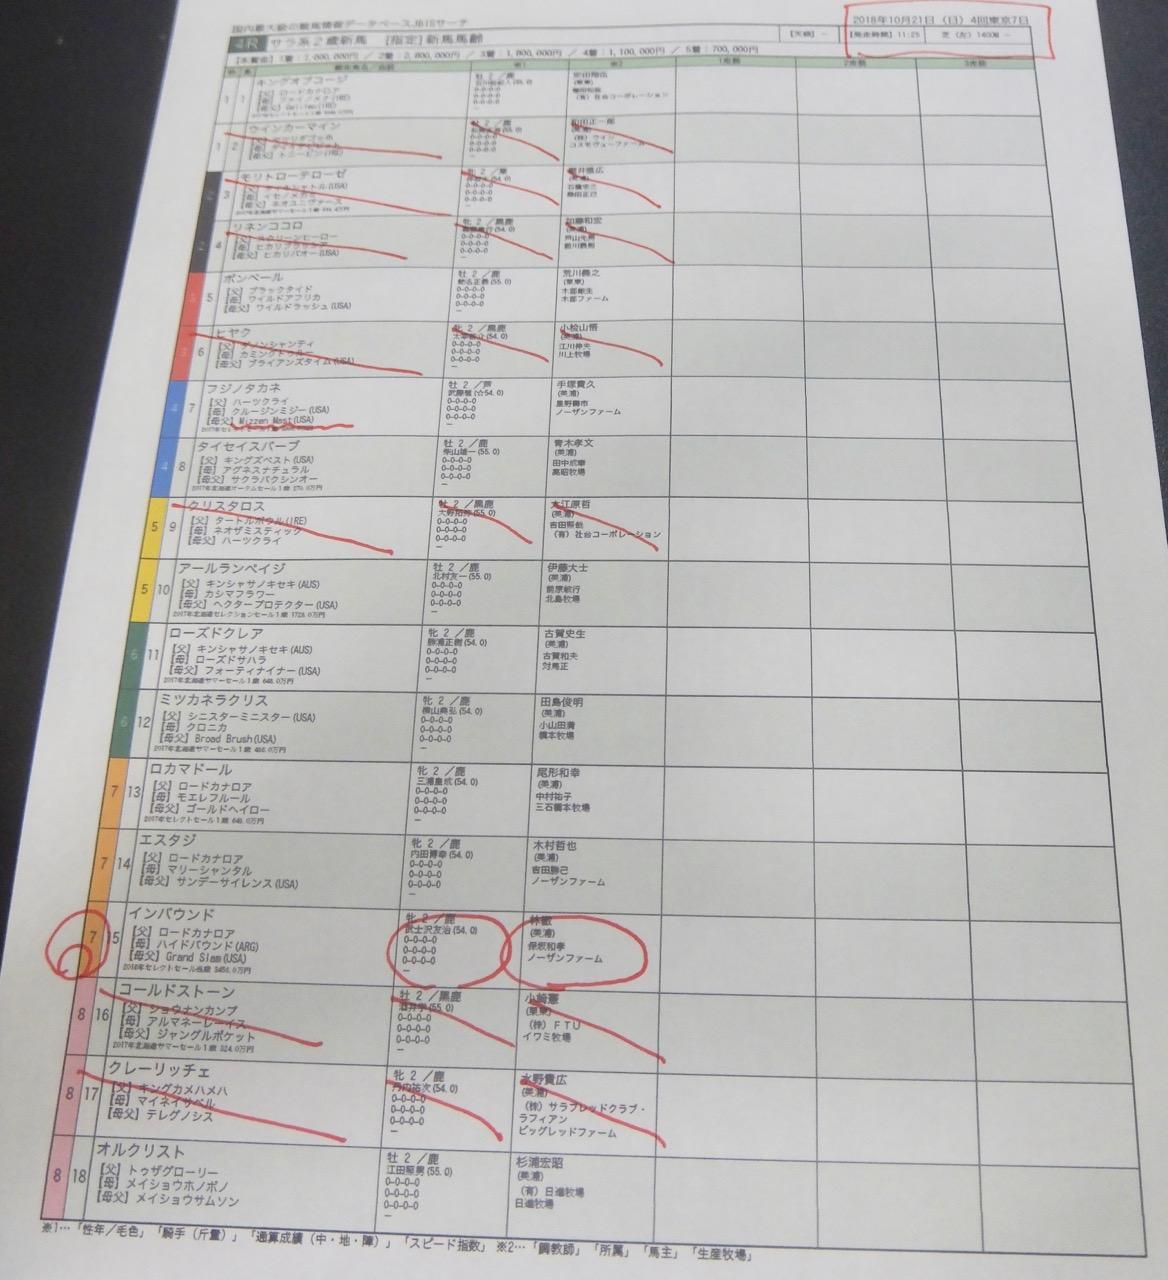 東京4レース、2歳新馬戦(芝1400m)競馬予想。馬券本命、ロードカナロア産駒インバウンド(武士沢友治騎手、林徹厩舎)2018.10.21